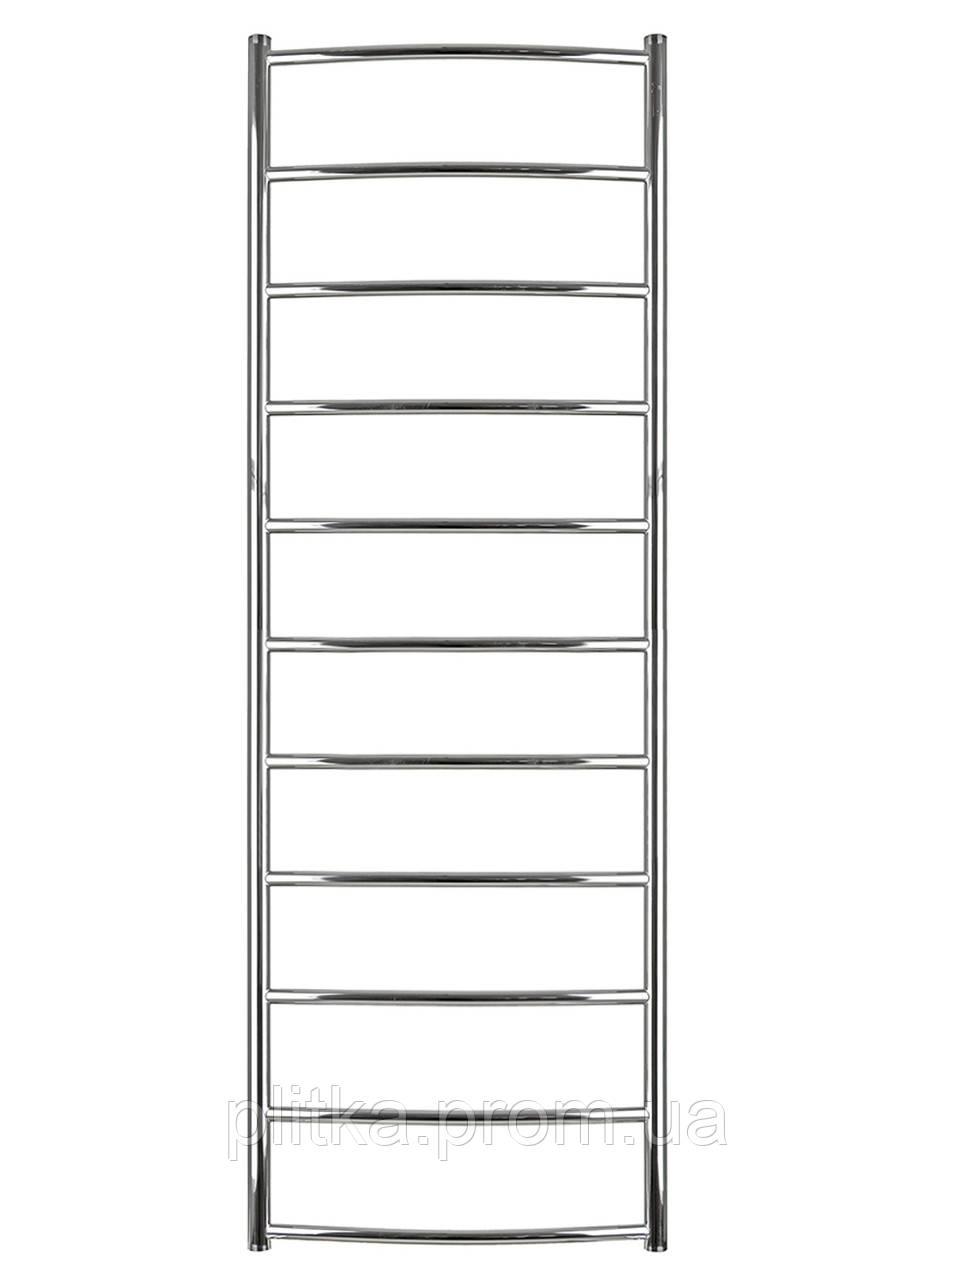 Водяной полотенцесушитель Классик HP 1550x530/500